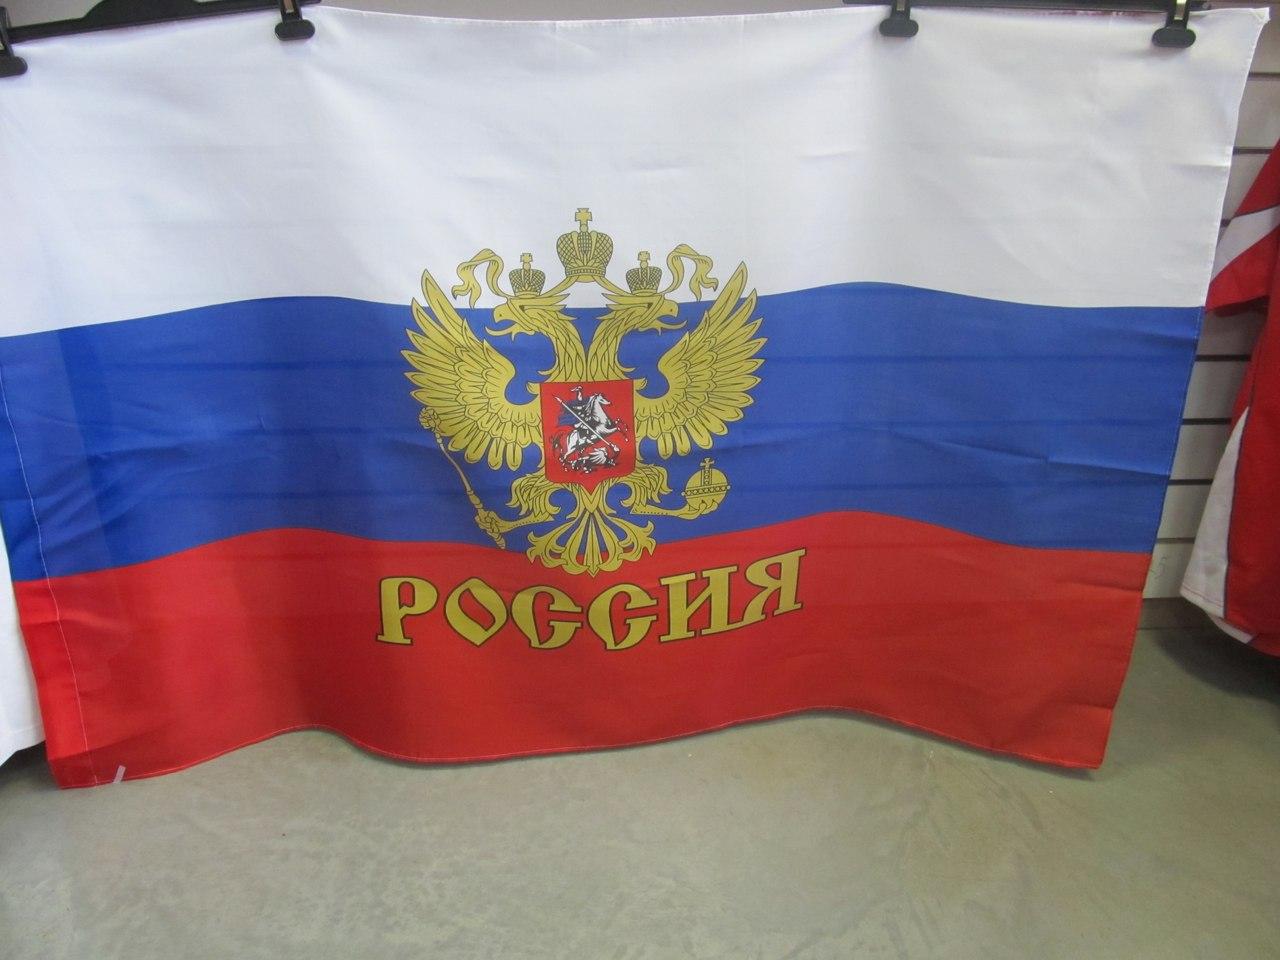 Одежда с гербом России - купить одежду с символикой или надписью Russia 85